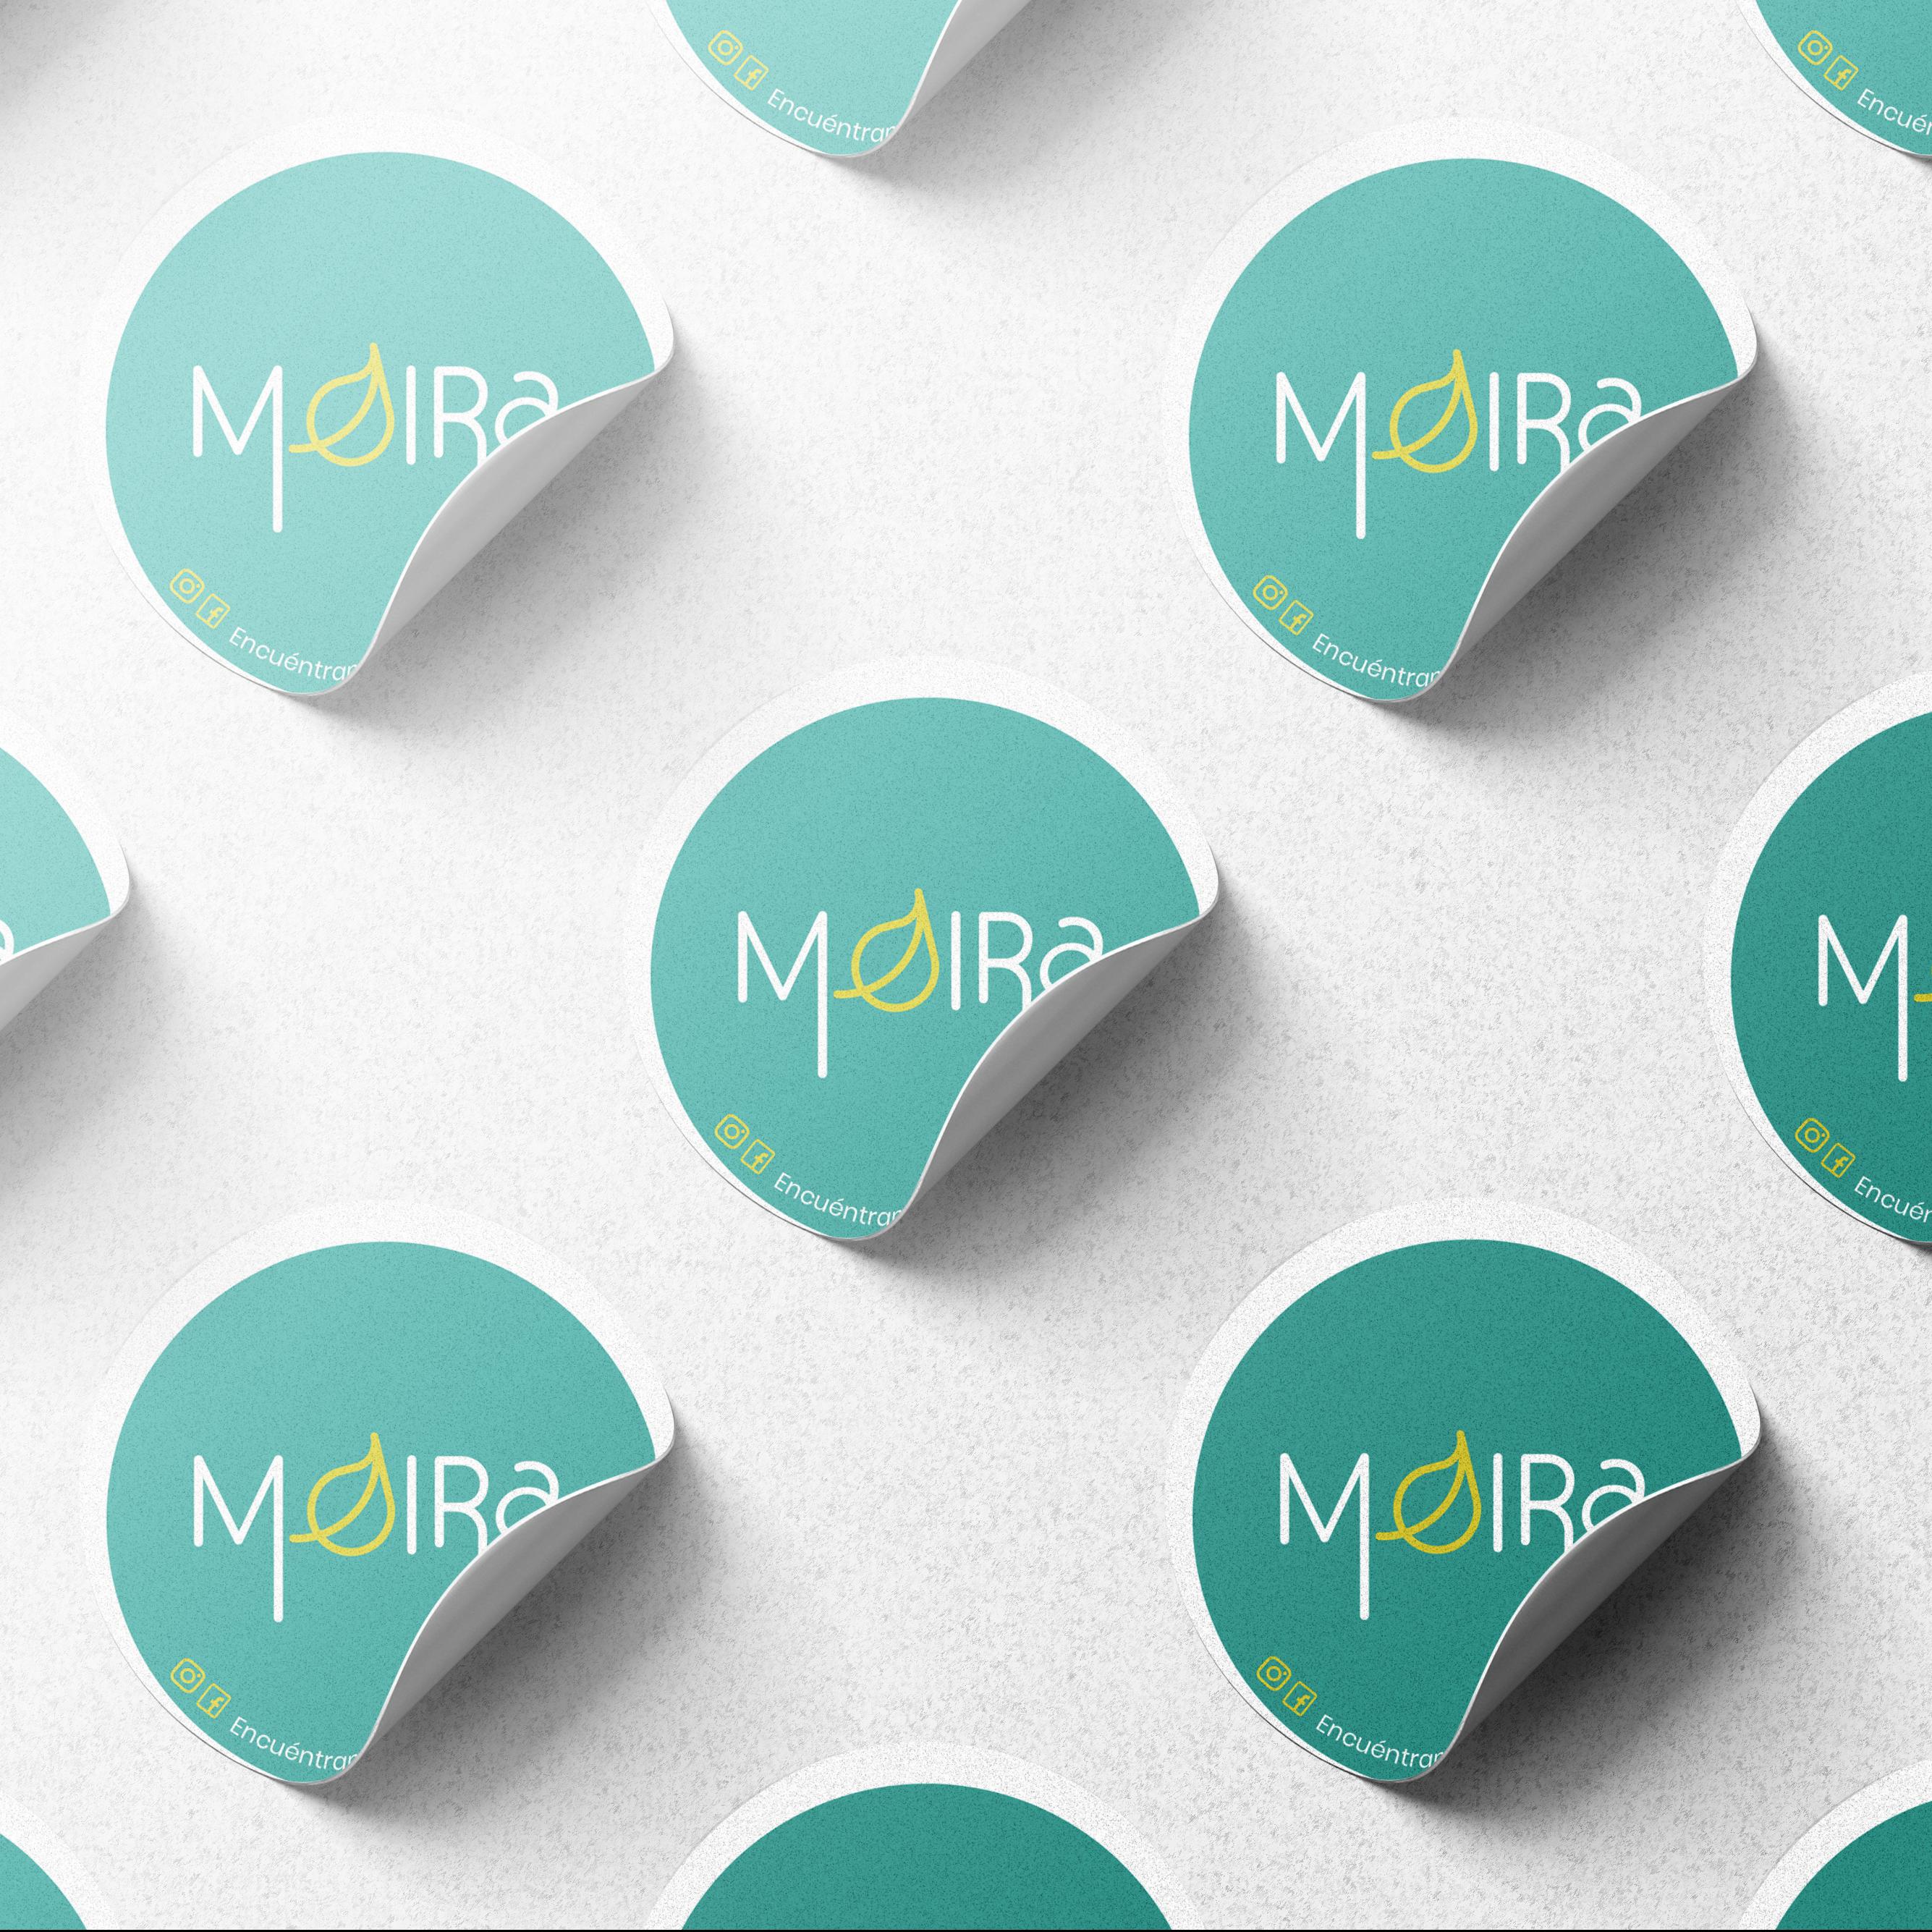 Moira Foods